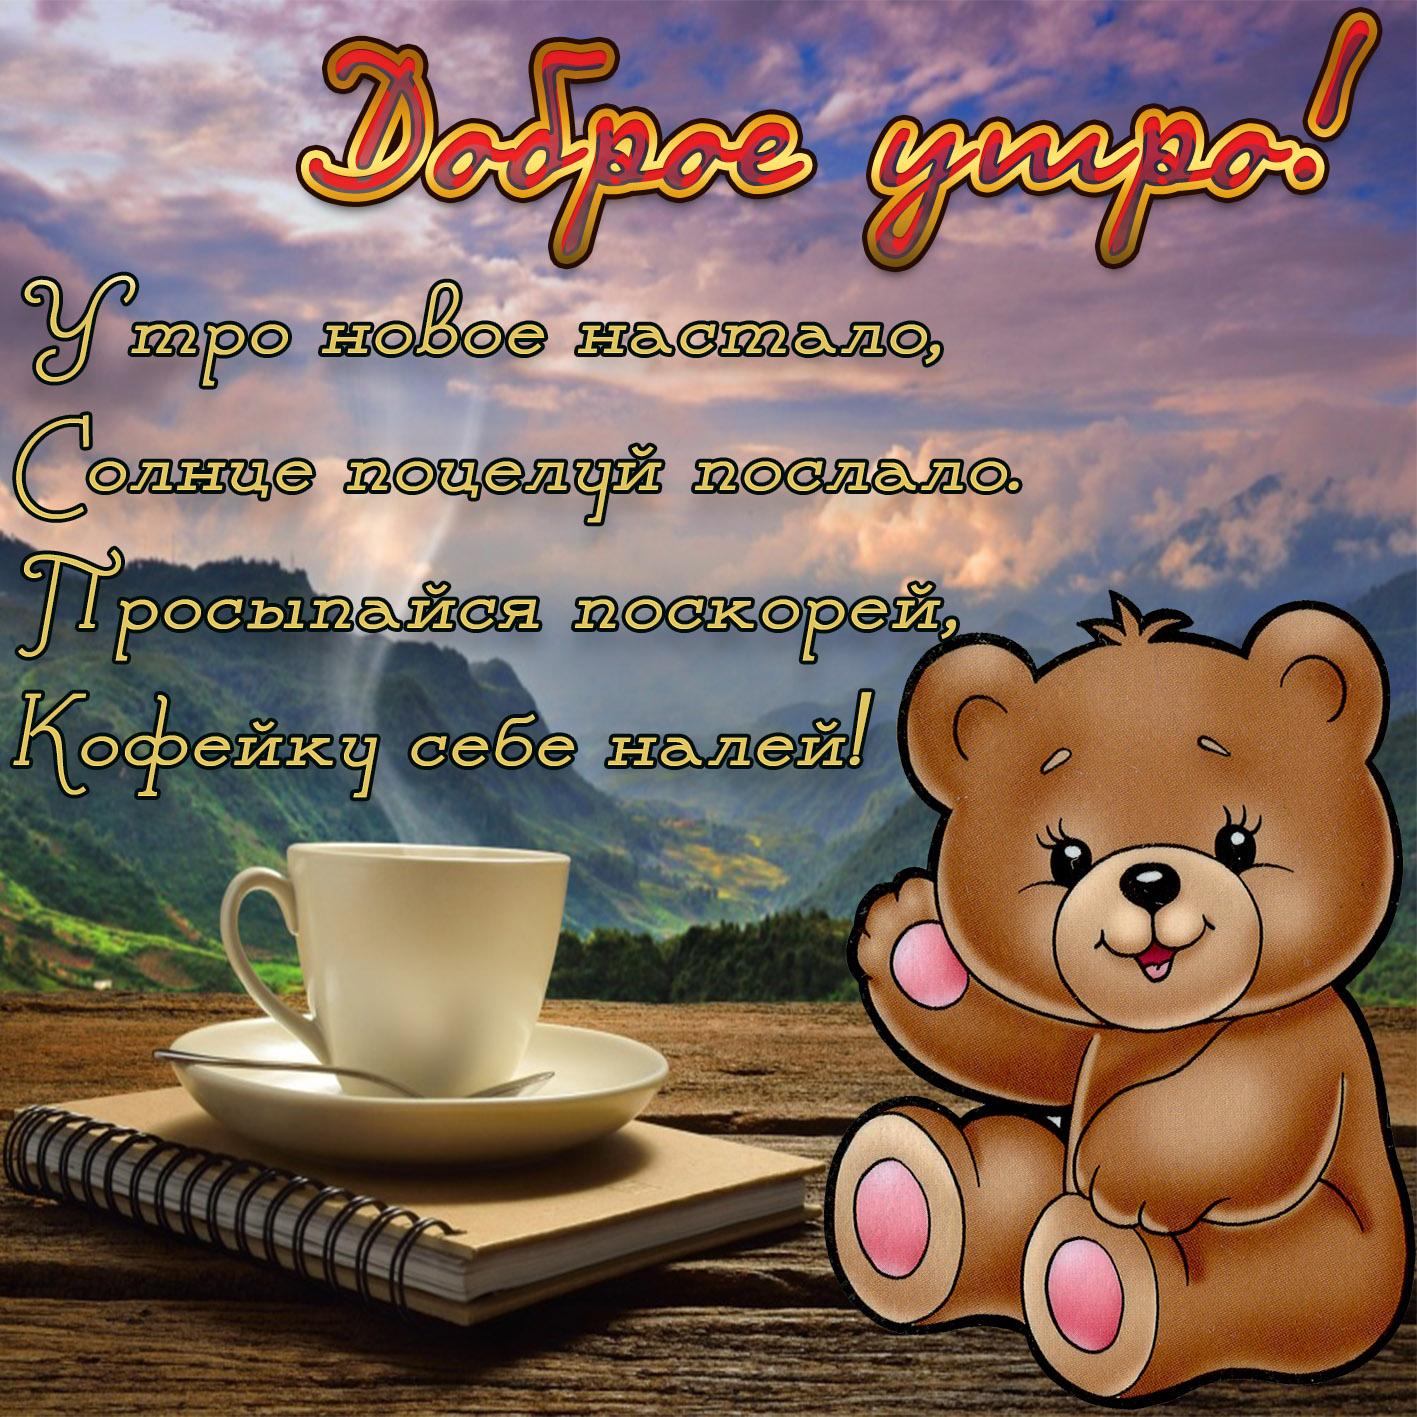 Смешные, открытка с добрым утром женщине с пожеланиями